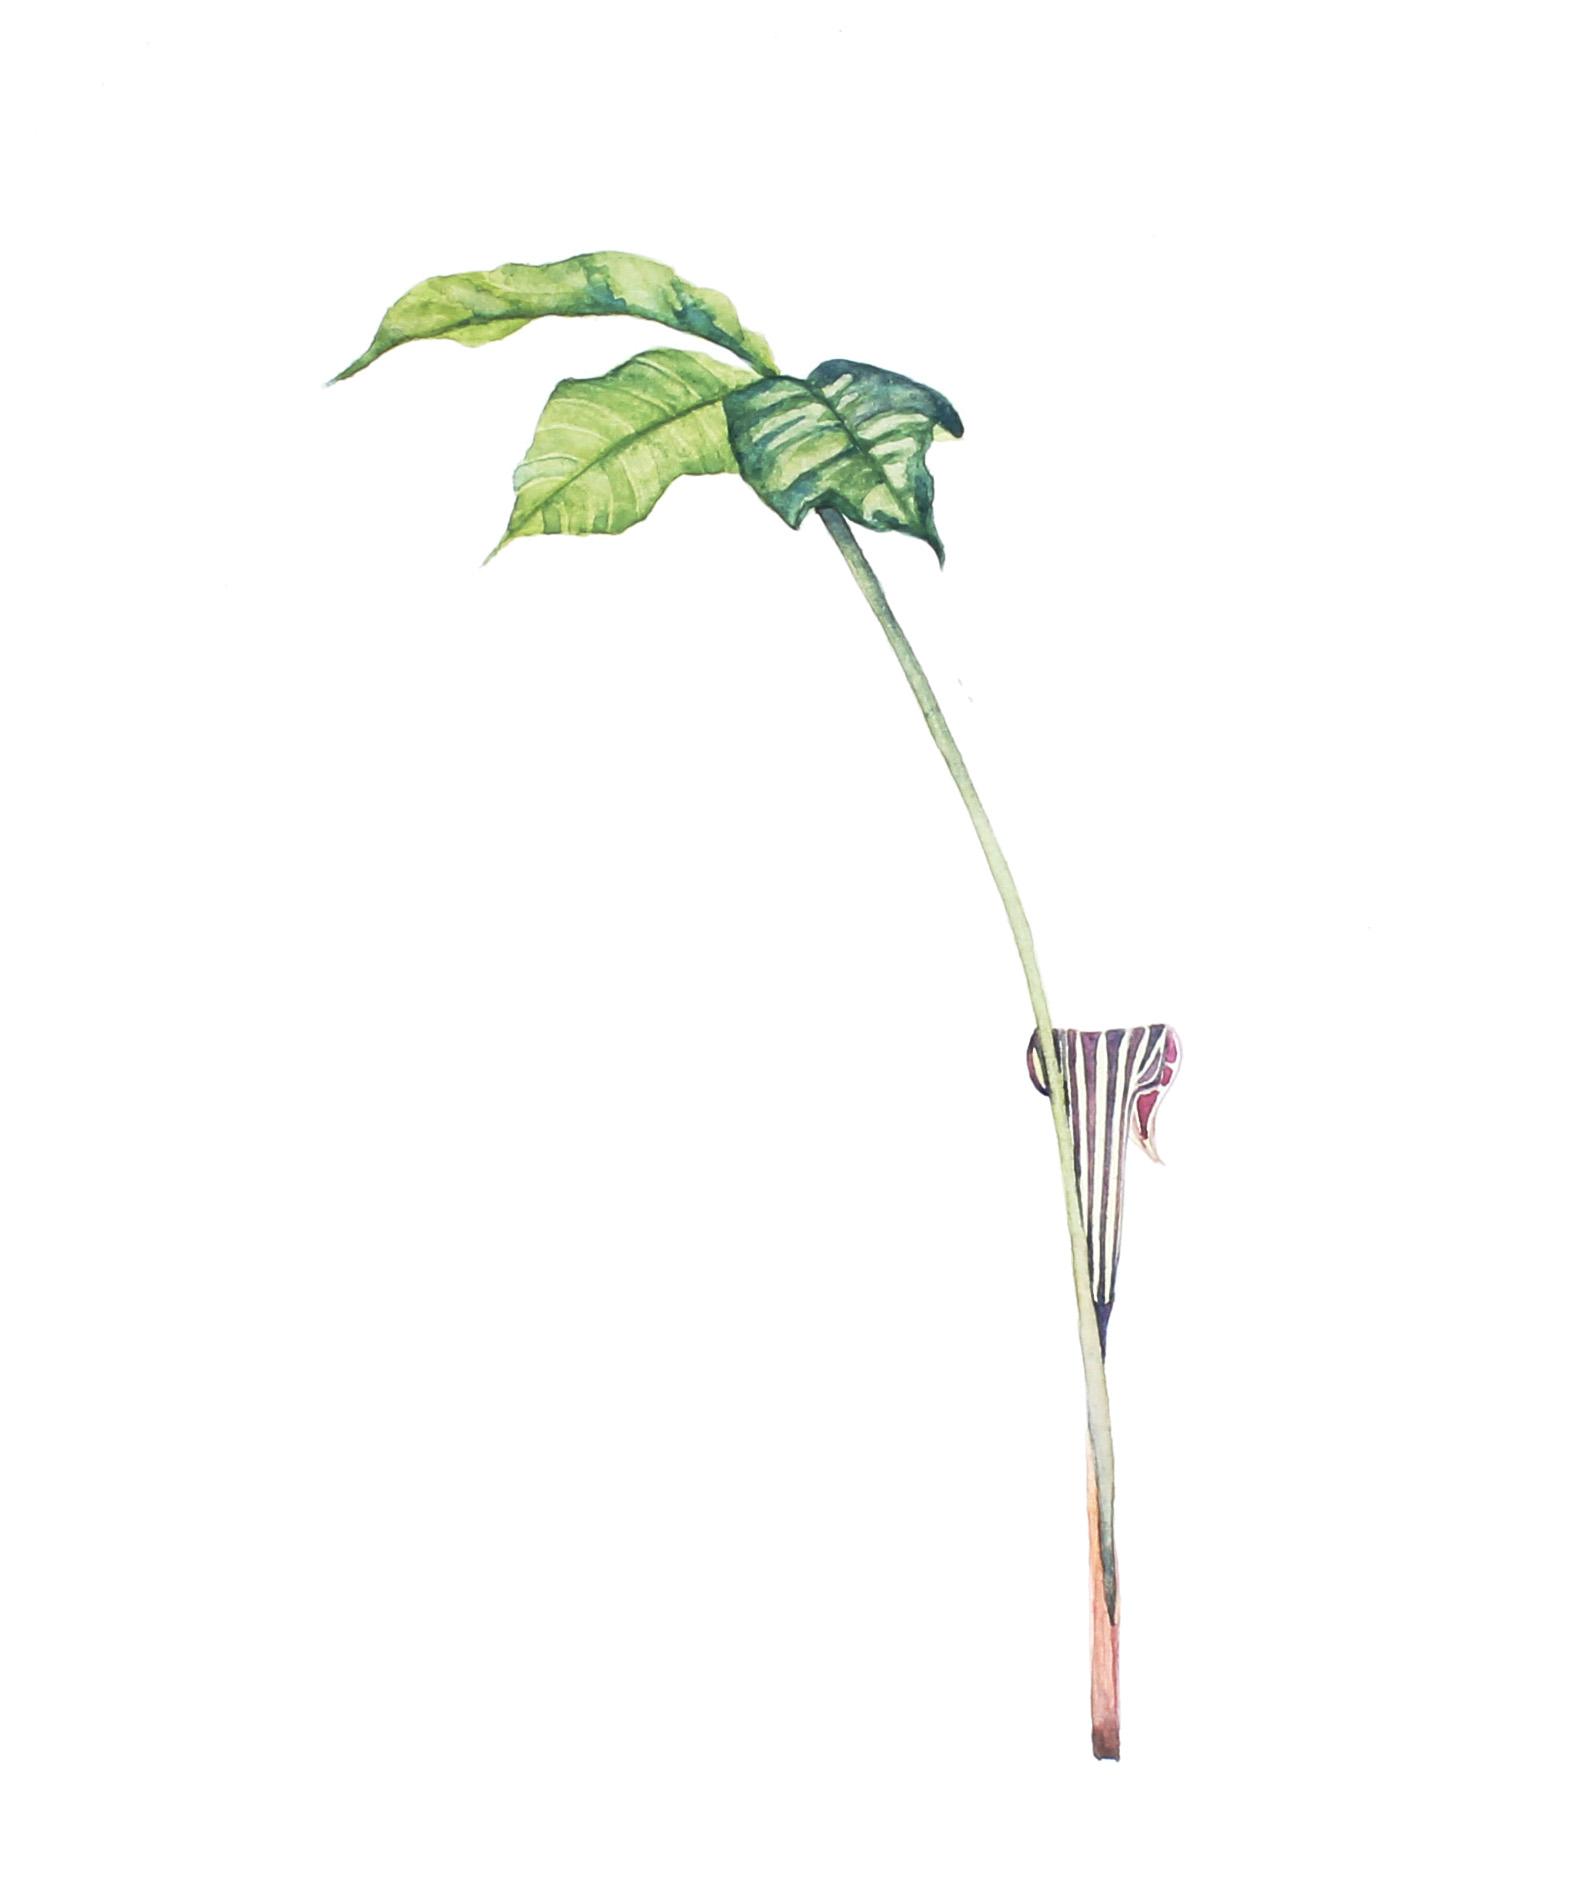 Arisaema triphyllum  | Jack-in-the-Pulpit